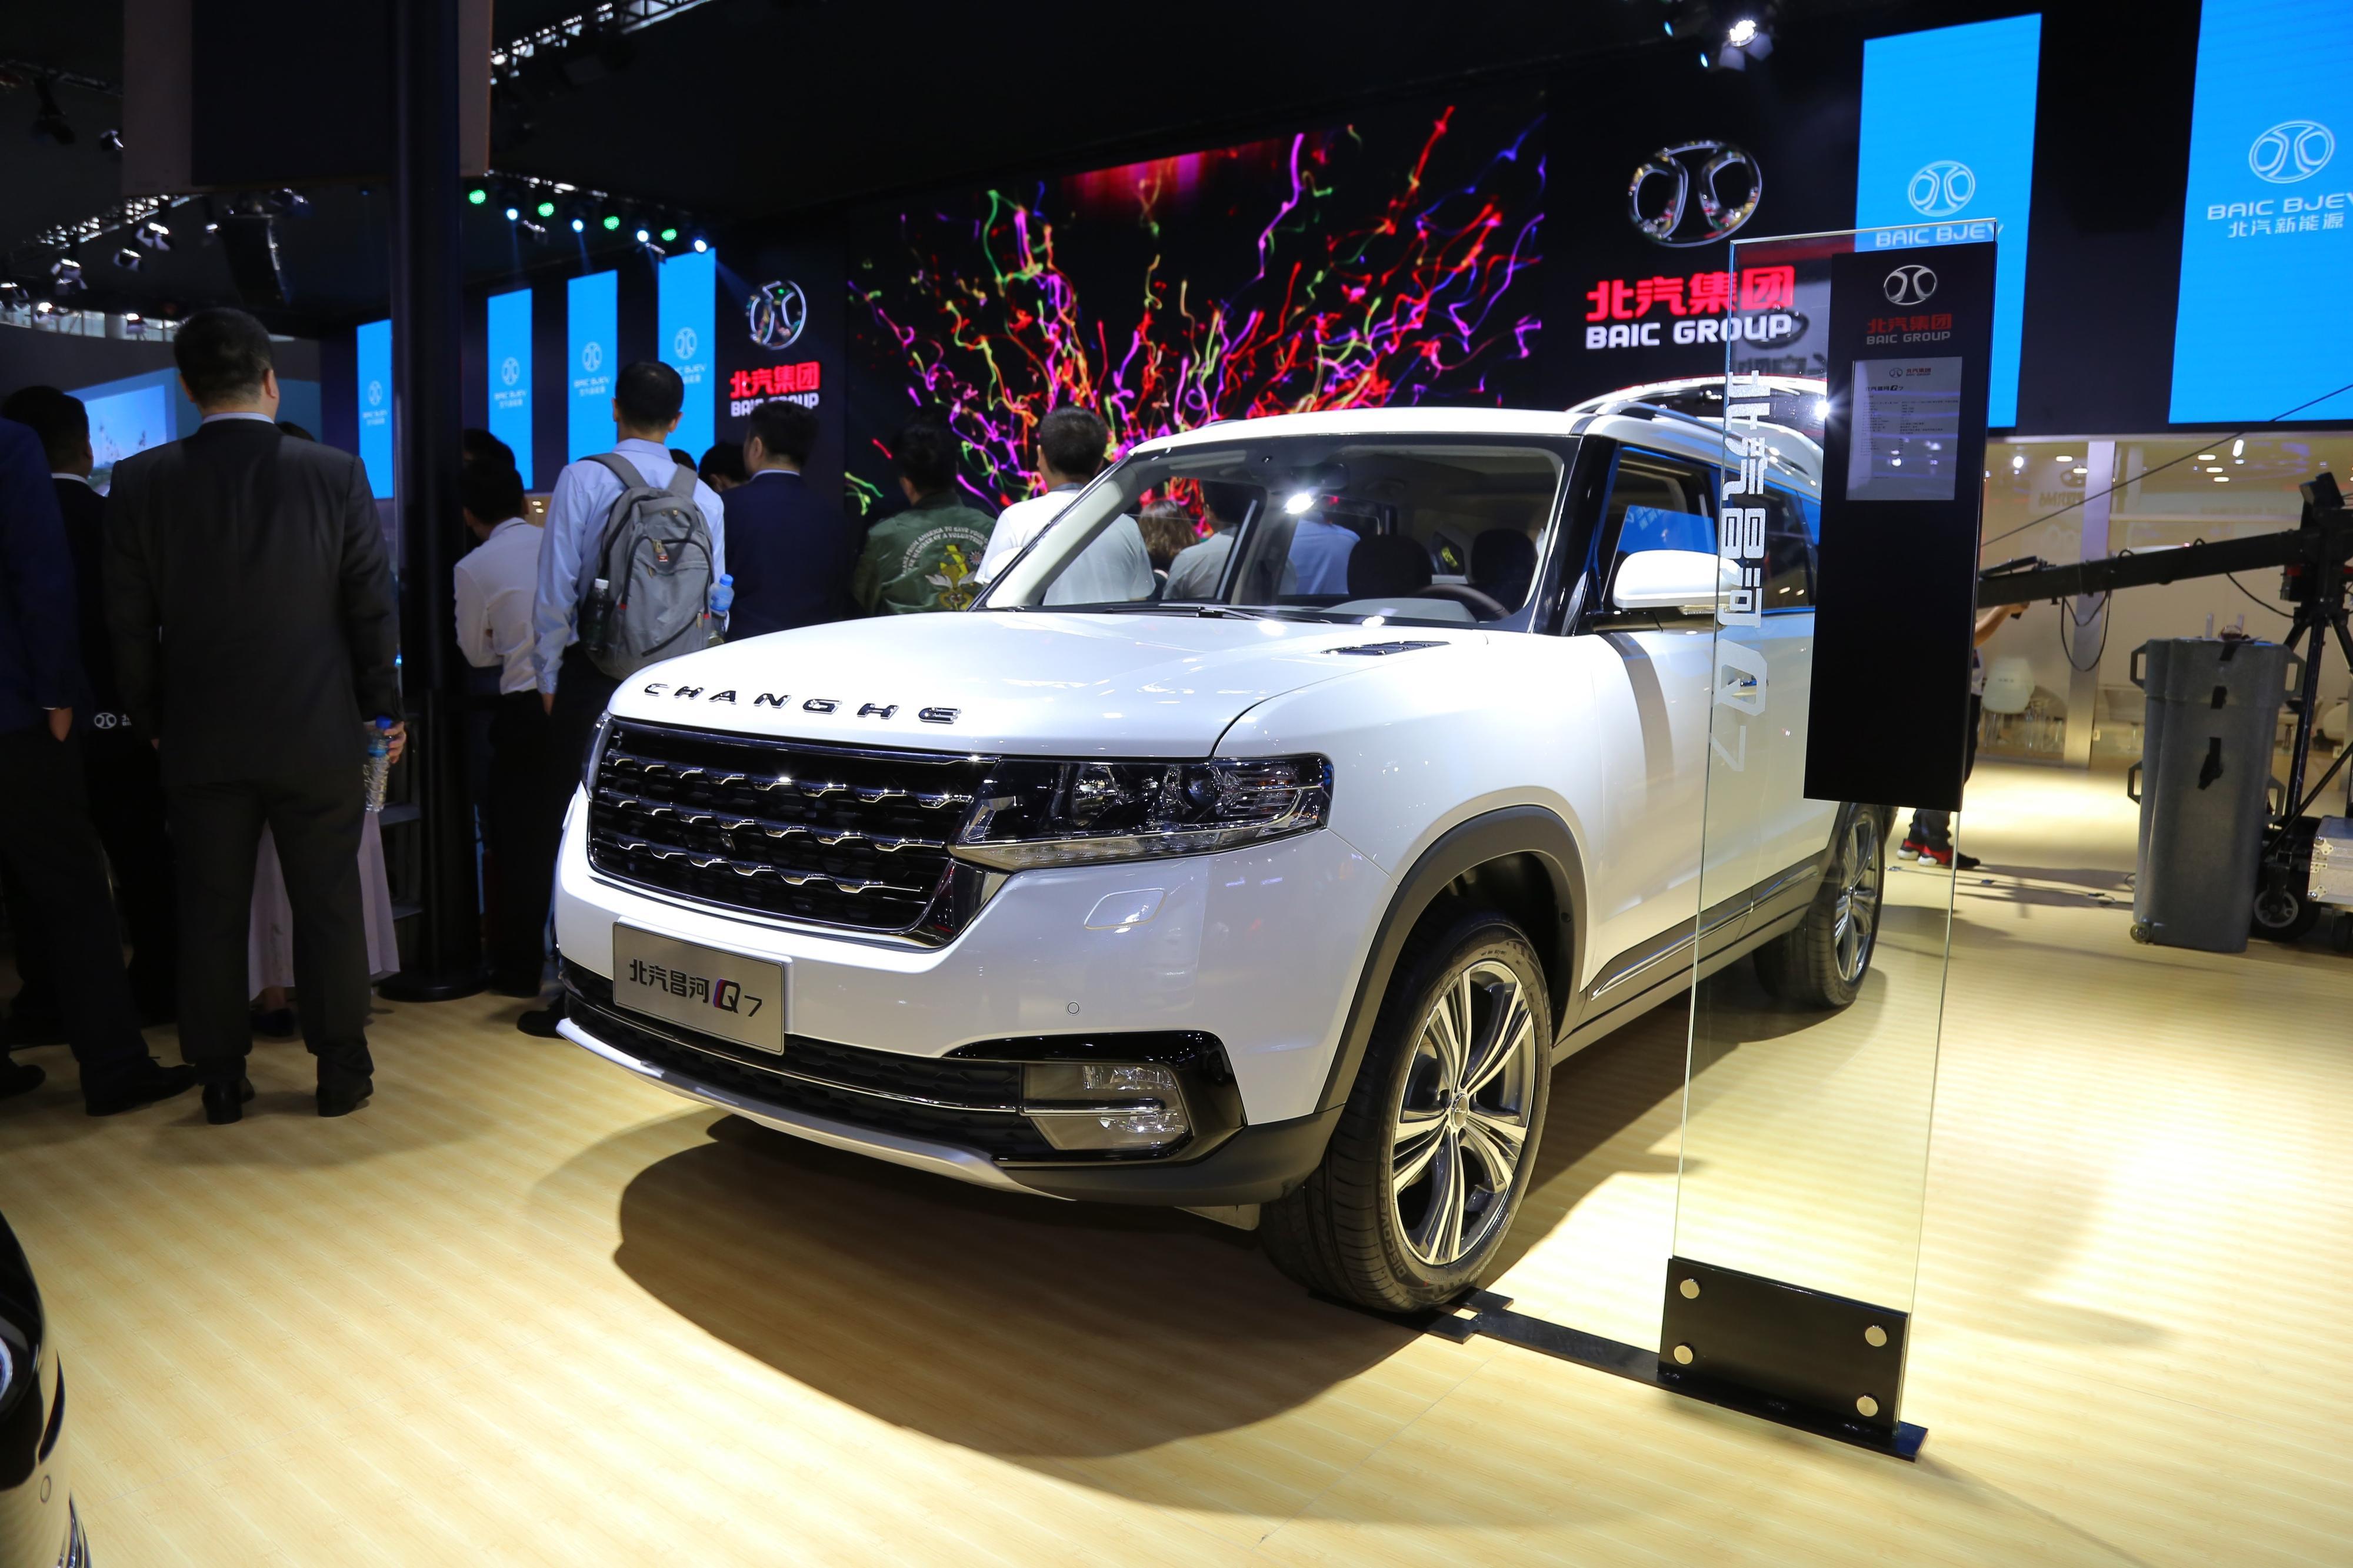 2017广州车展:北汽昌河全新A+级SUV Q7首发